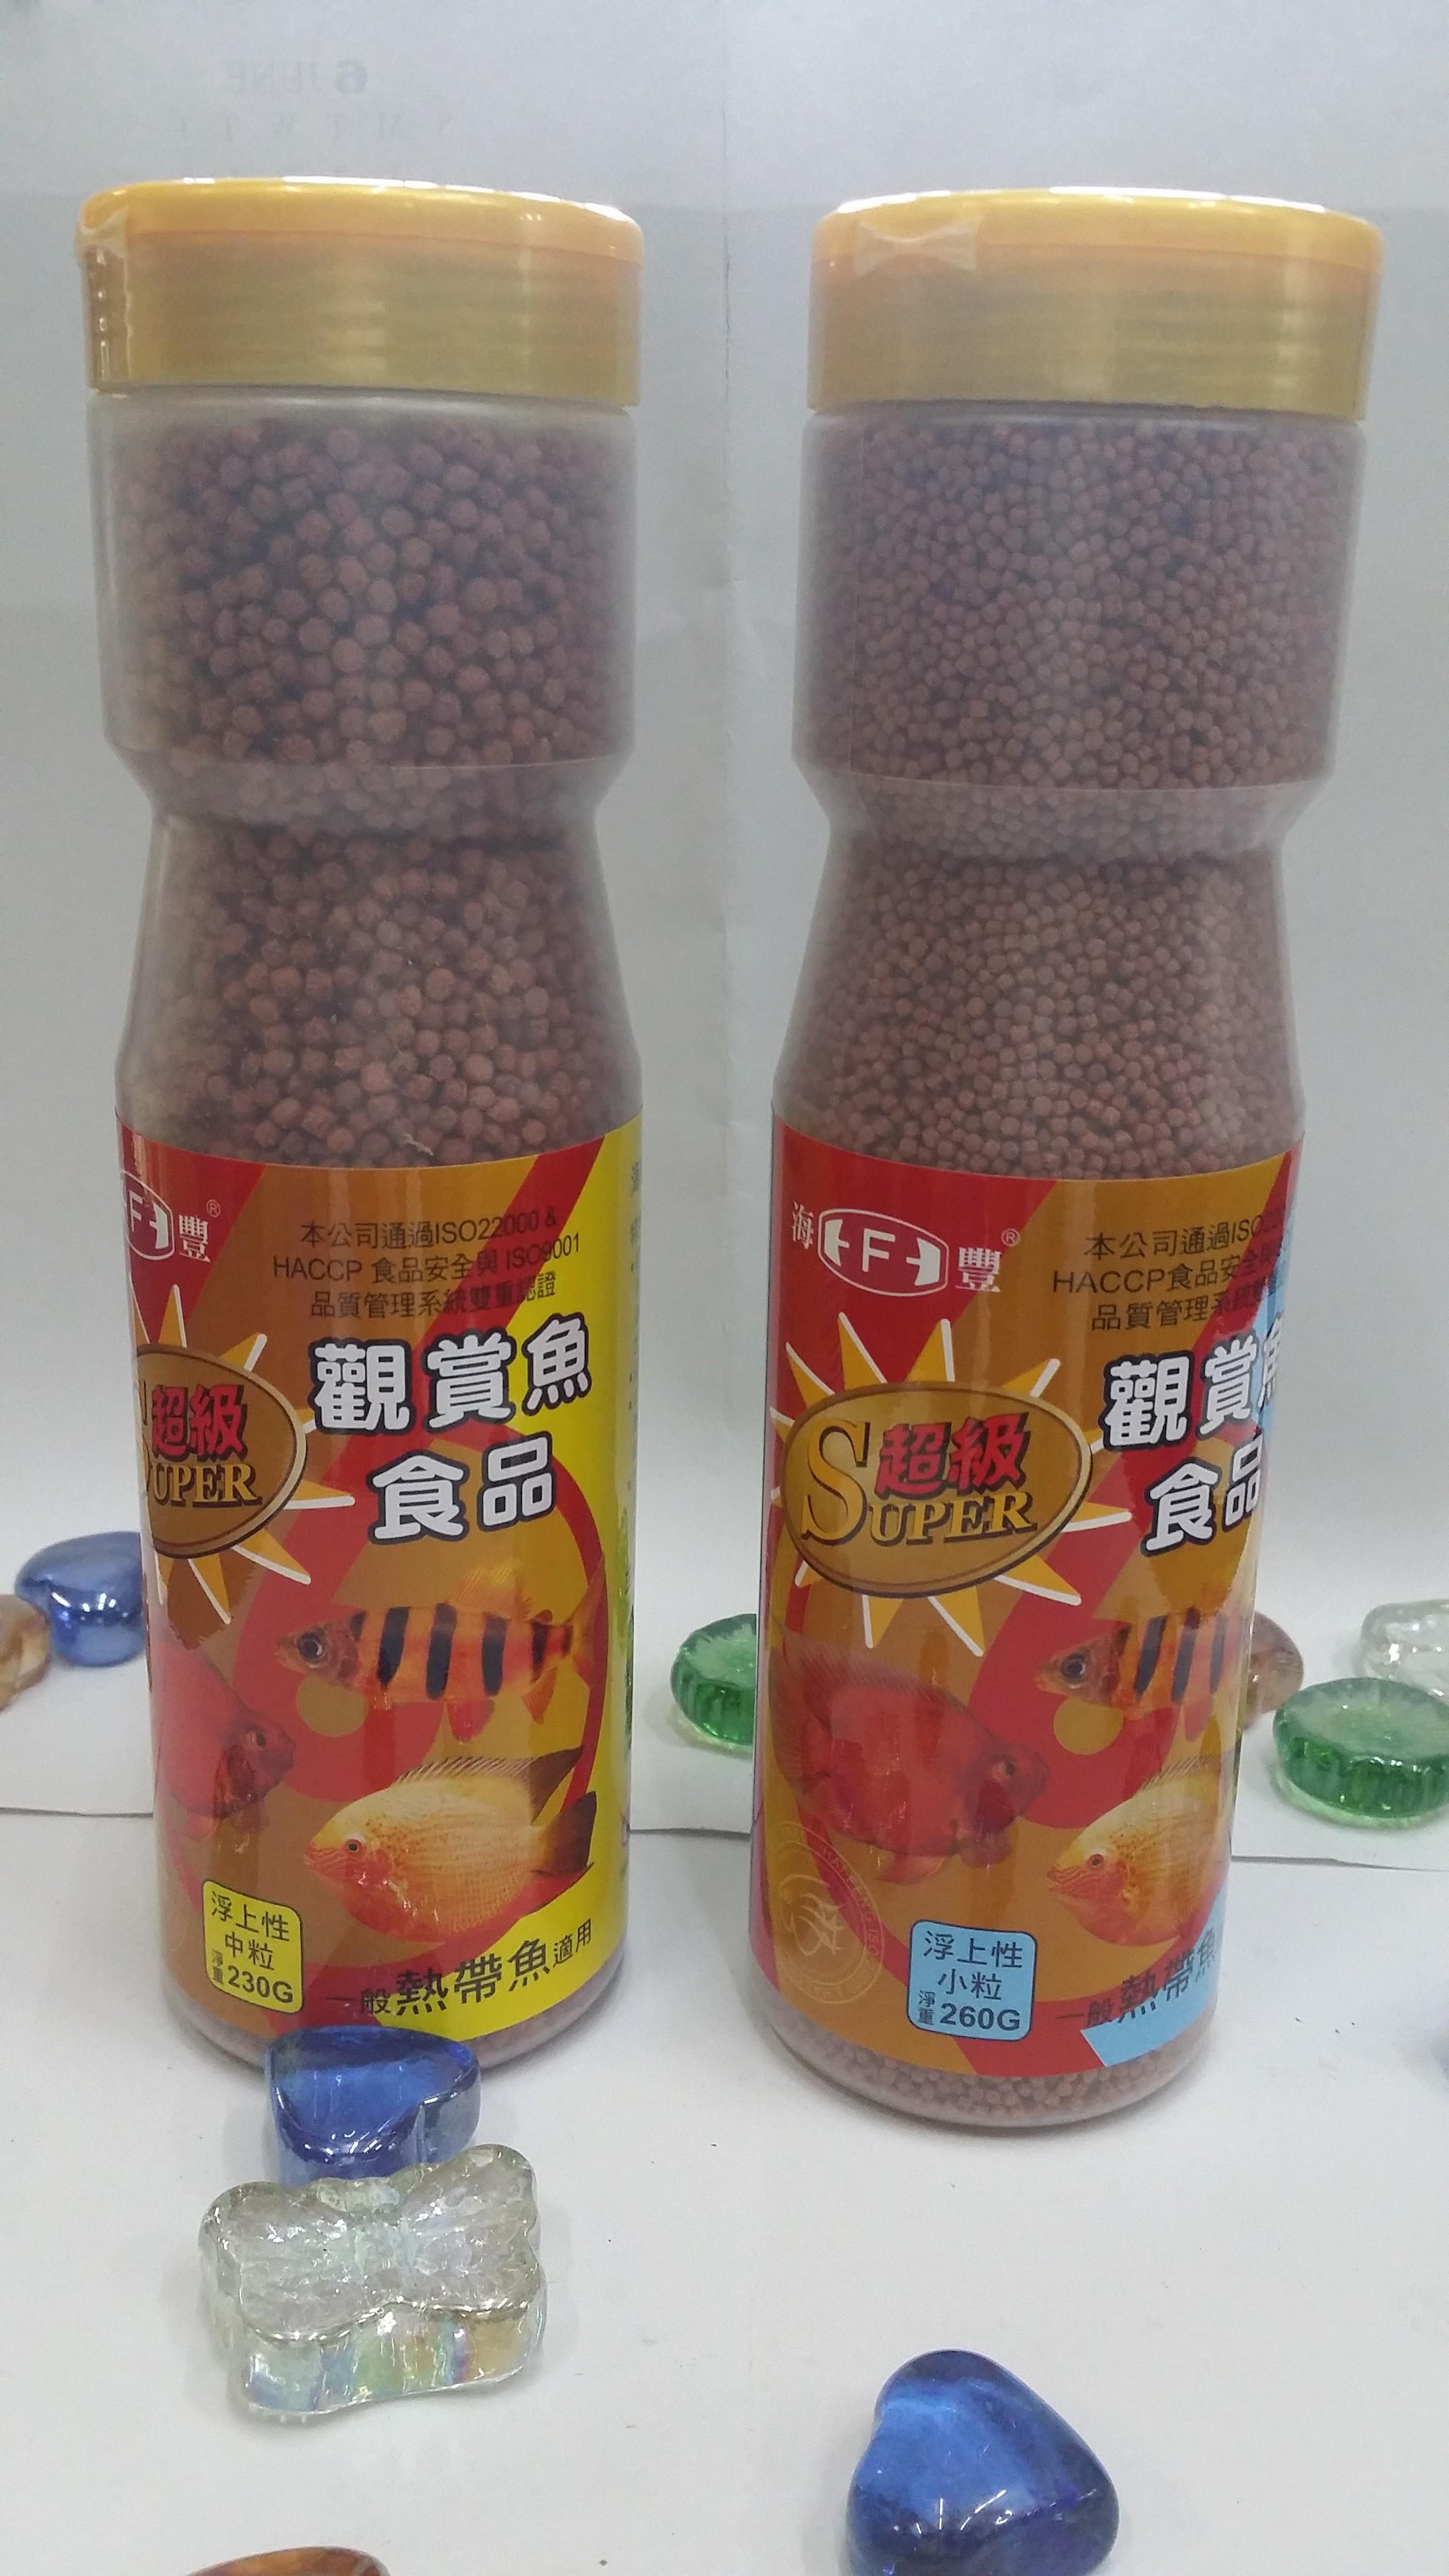 【洁好水族寵物世界】海豐觀賞魚超級飼料 (中粒/小粒)